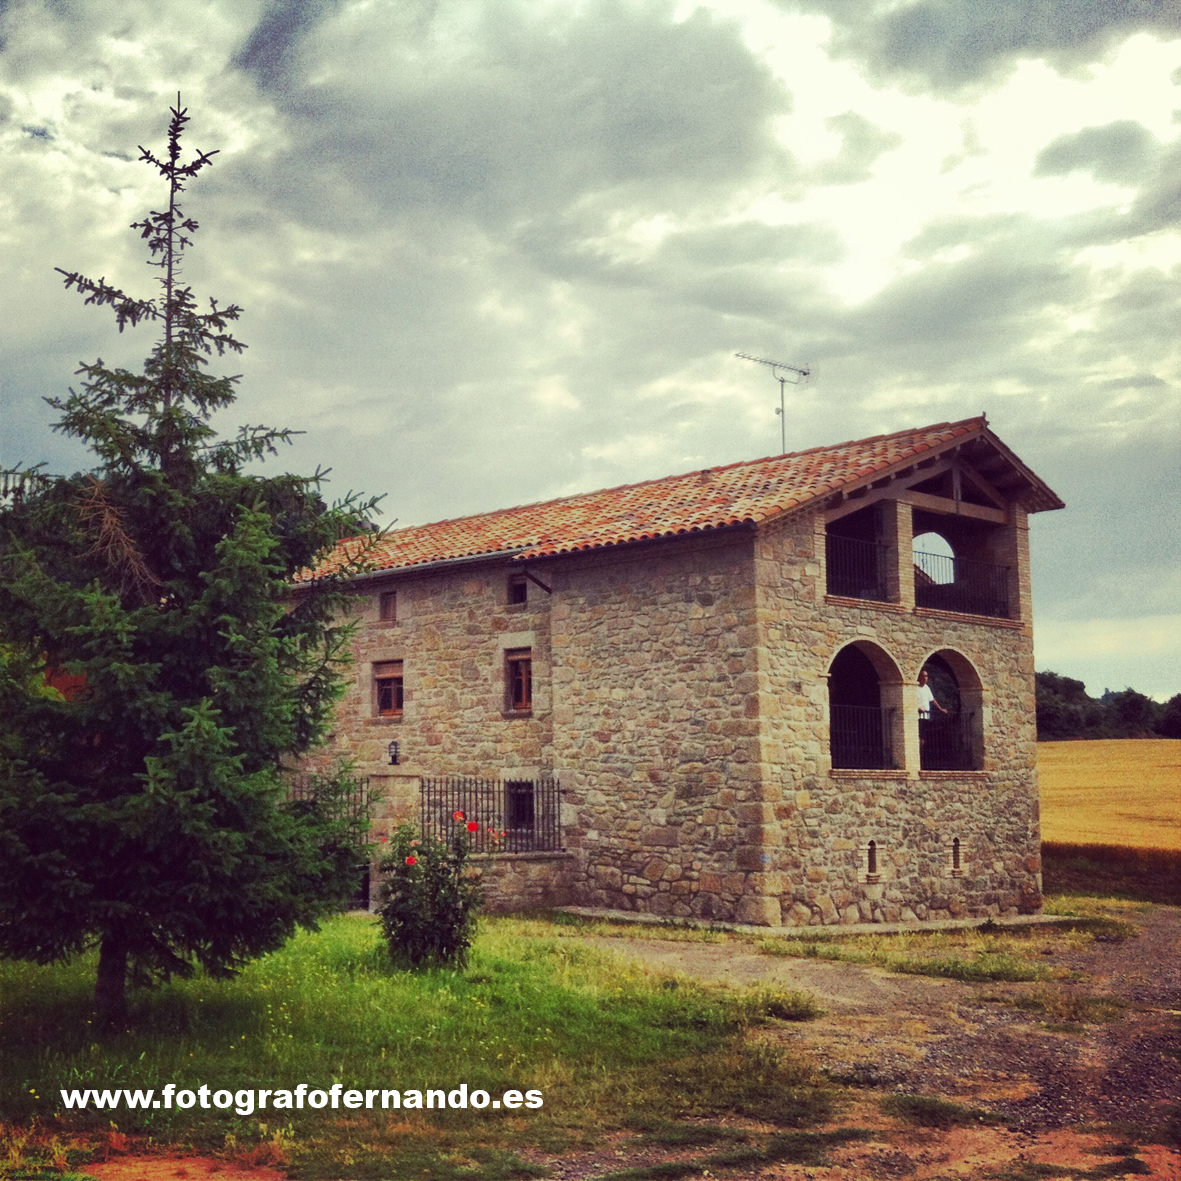 fotografia paisaje almeria